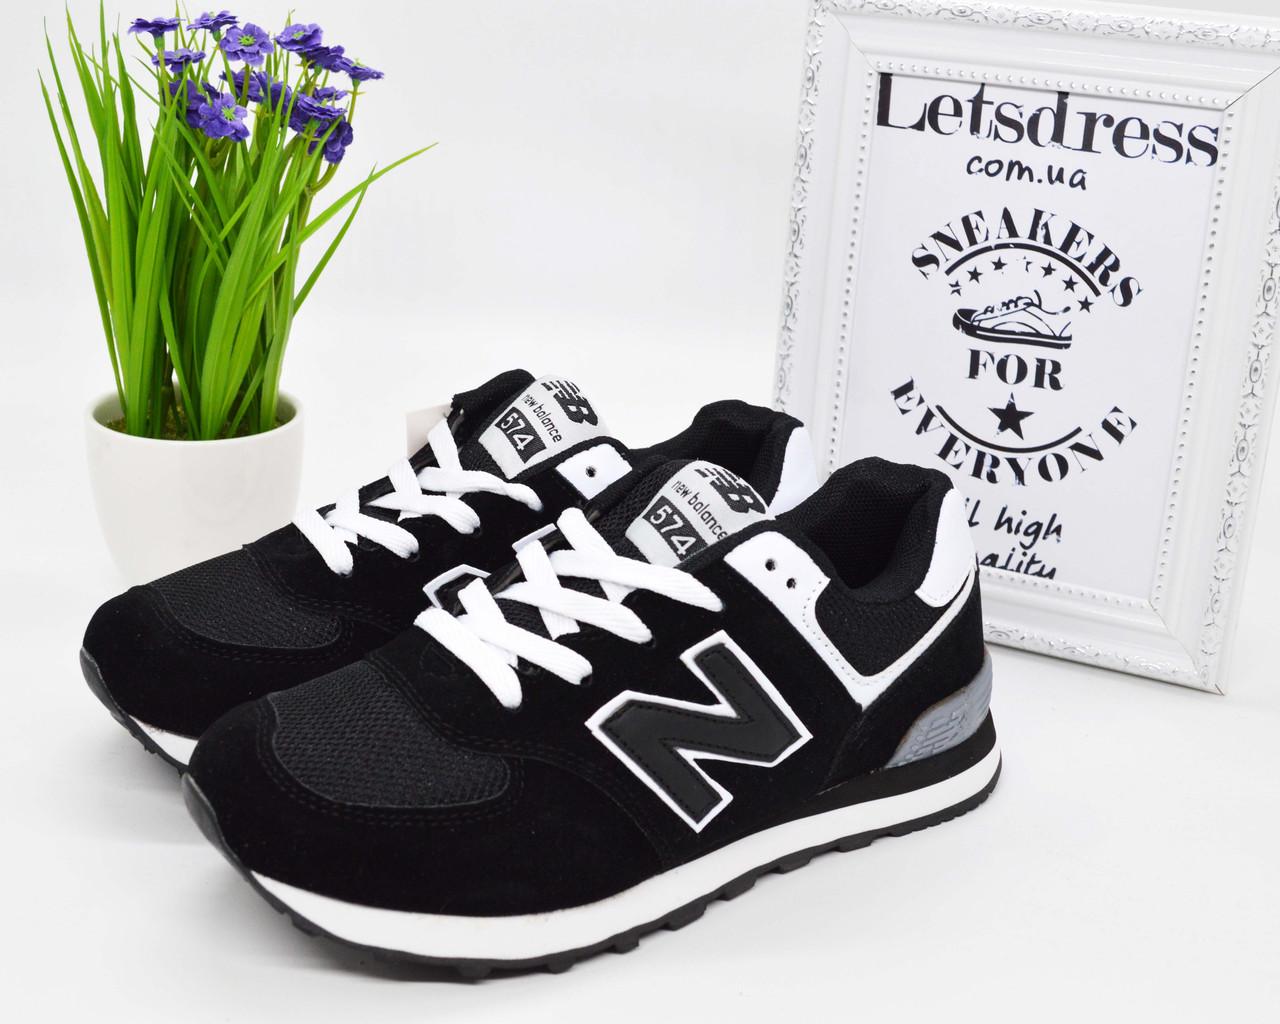 6d2c47c1 Кроссовки женские New Balance 574 черные | Нью Баланс женские реплика  Вьетнам - LetsDress-Shop